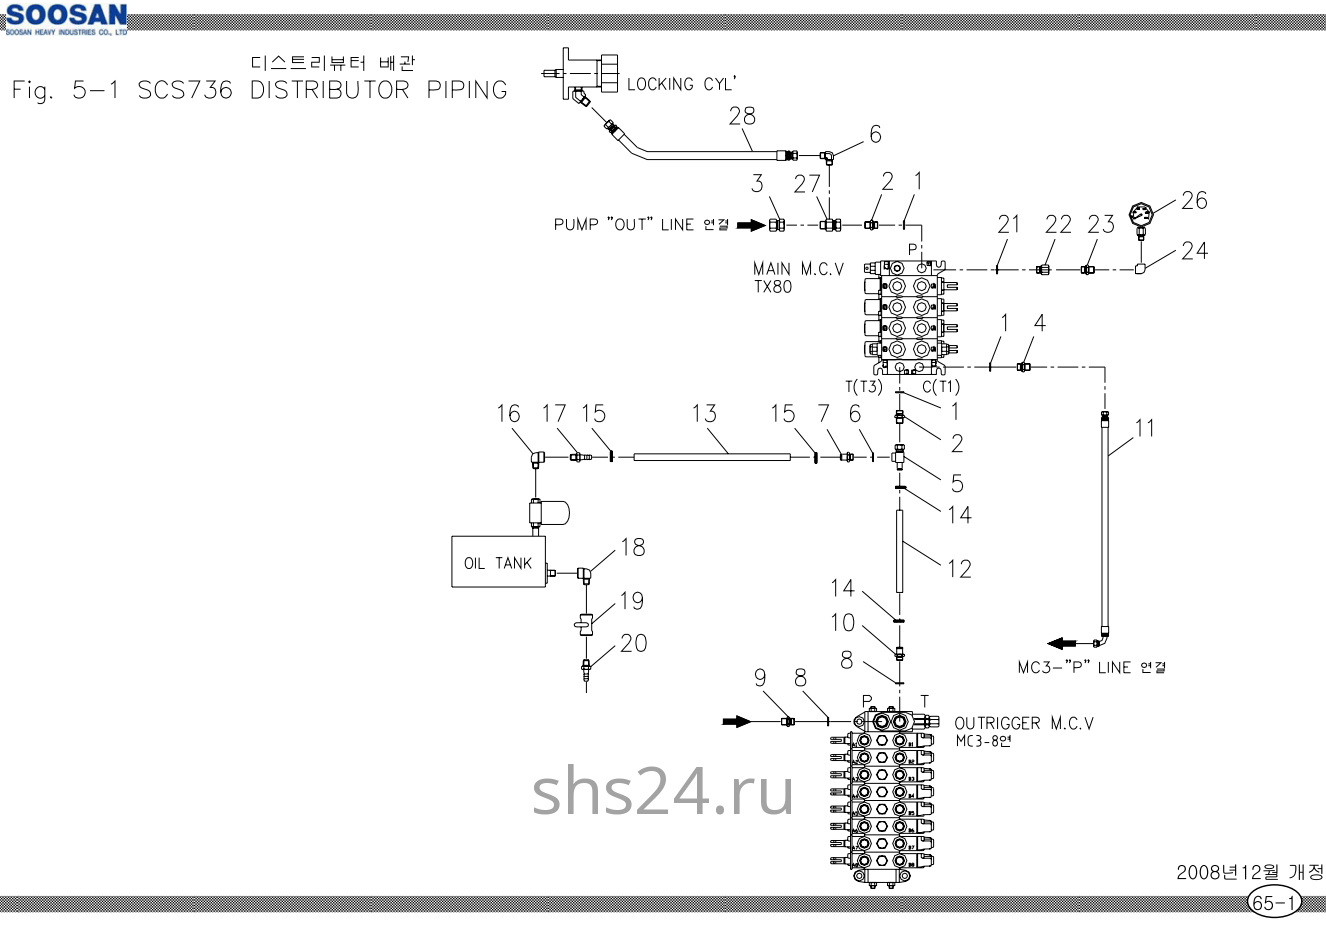 Схема подключения гидравлики Soosan SCS 736 STD